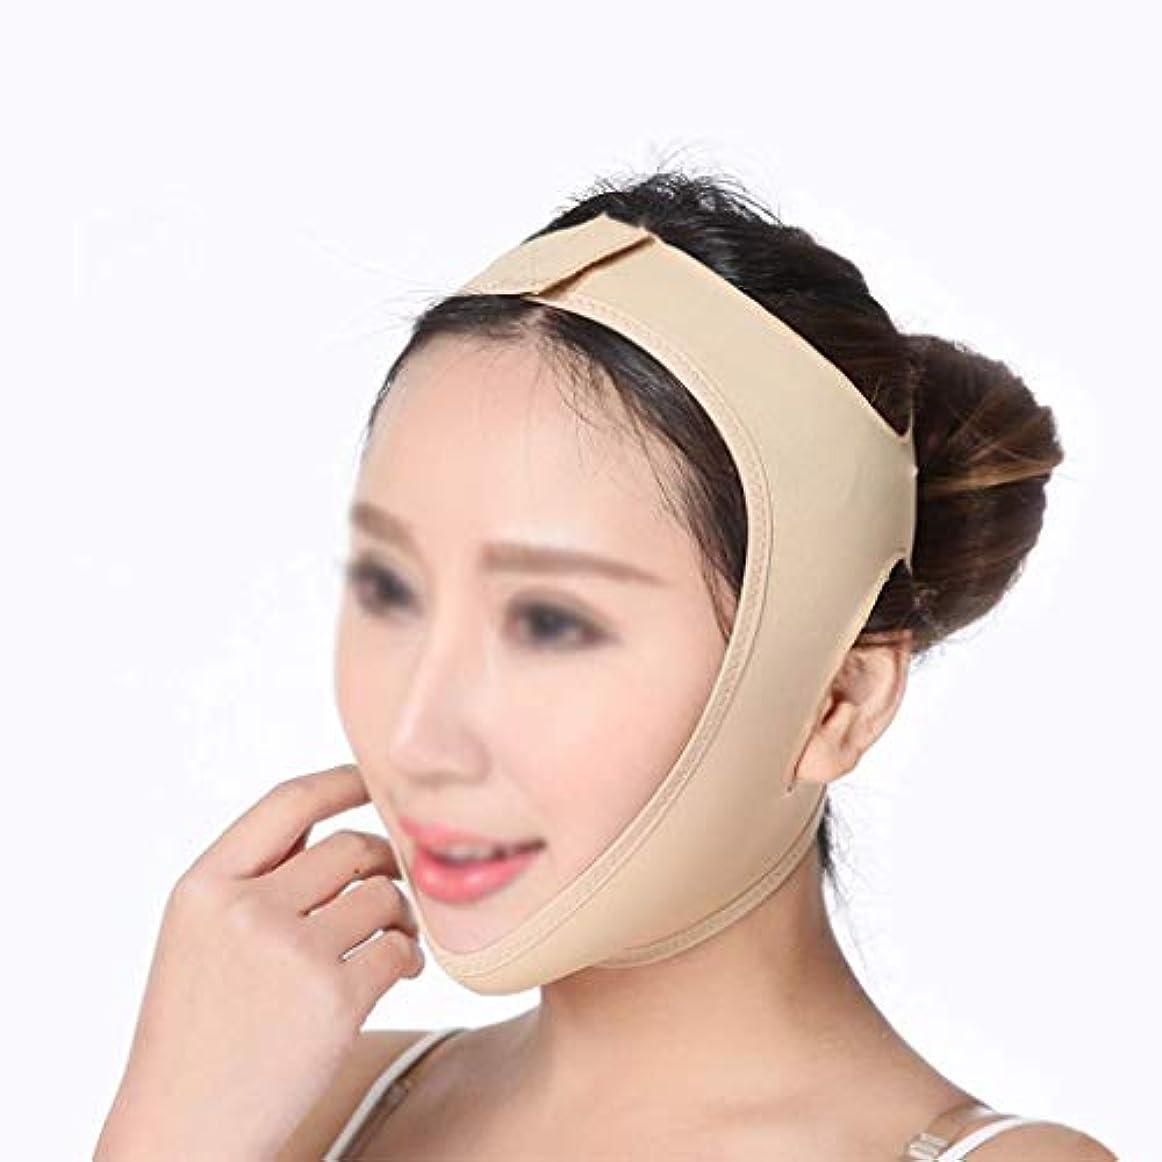 くびれた幽霊教科書フェイシャルチークリフティングマスク、ダブルチンとフェイスを効果的に改善、フェイスリフト包帯、ダブルチンを減らす(サイズ:L),M